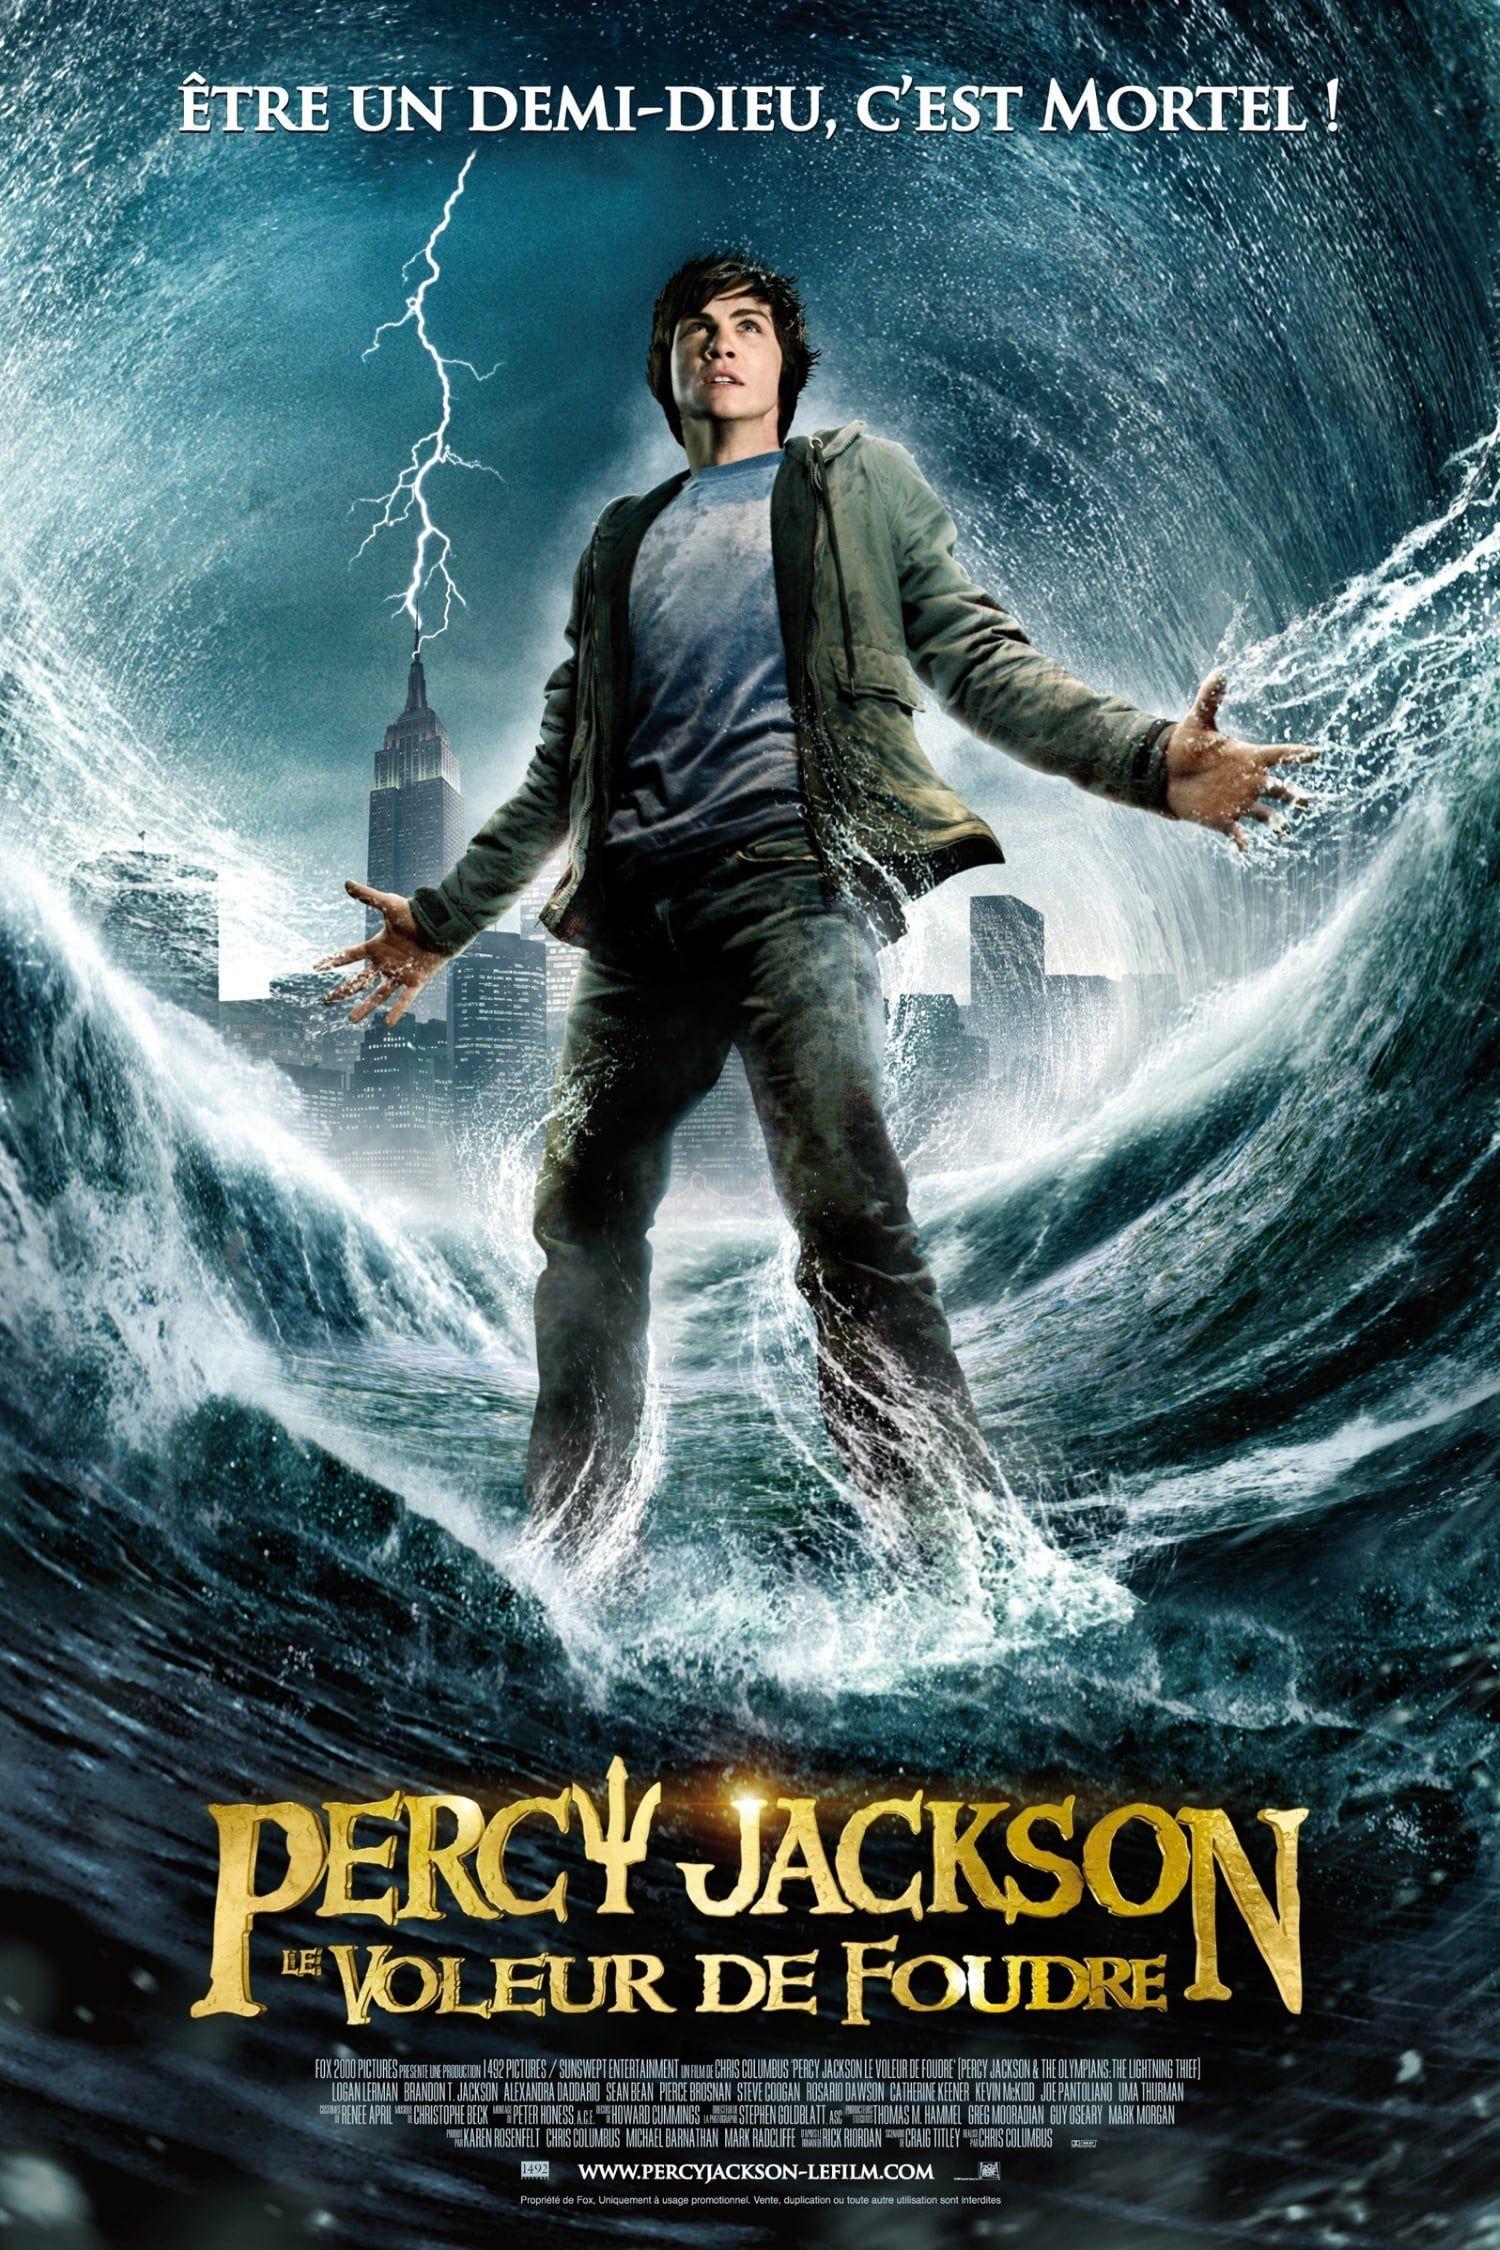 Percy Jackson : Le Voleur de foudre - Film (2010)